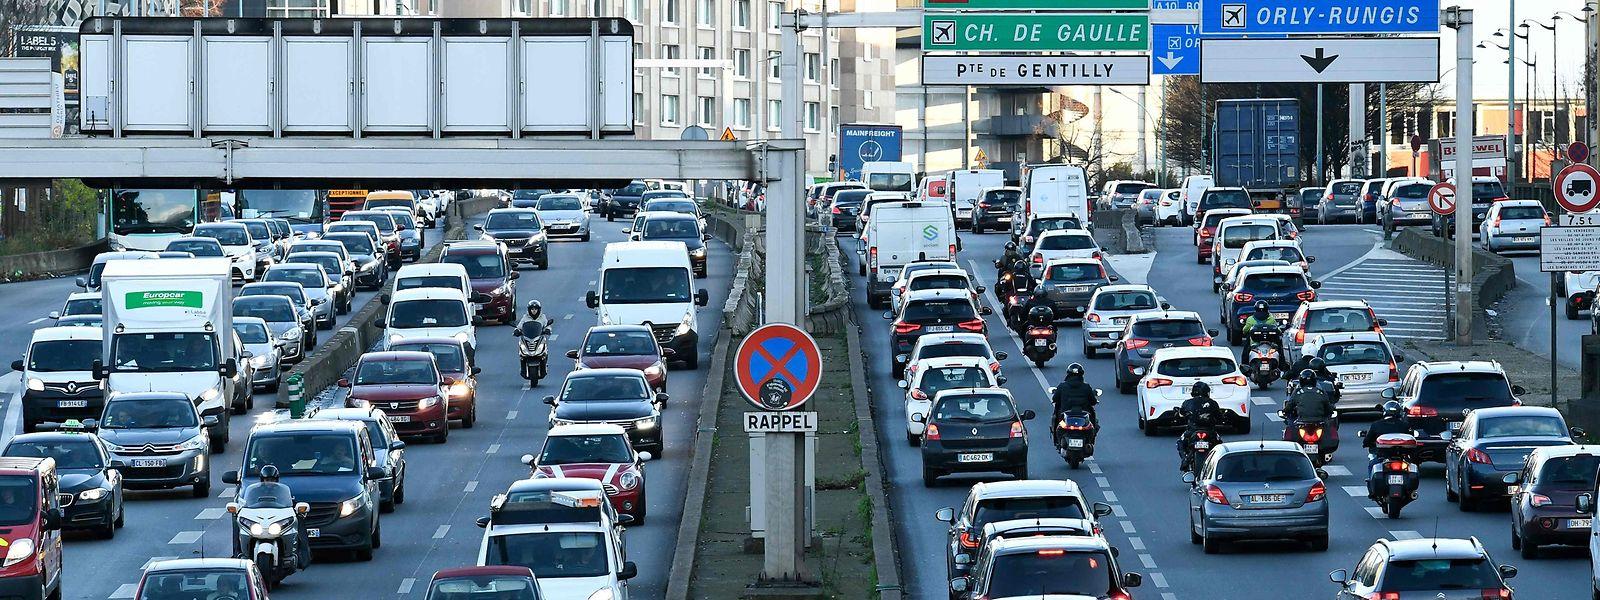 Auf den Autobahnen Frankreichs dürfte auch am Wochenende und an den Feiertagen Geduld angesagt sein.